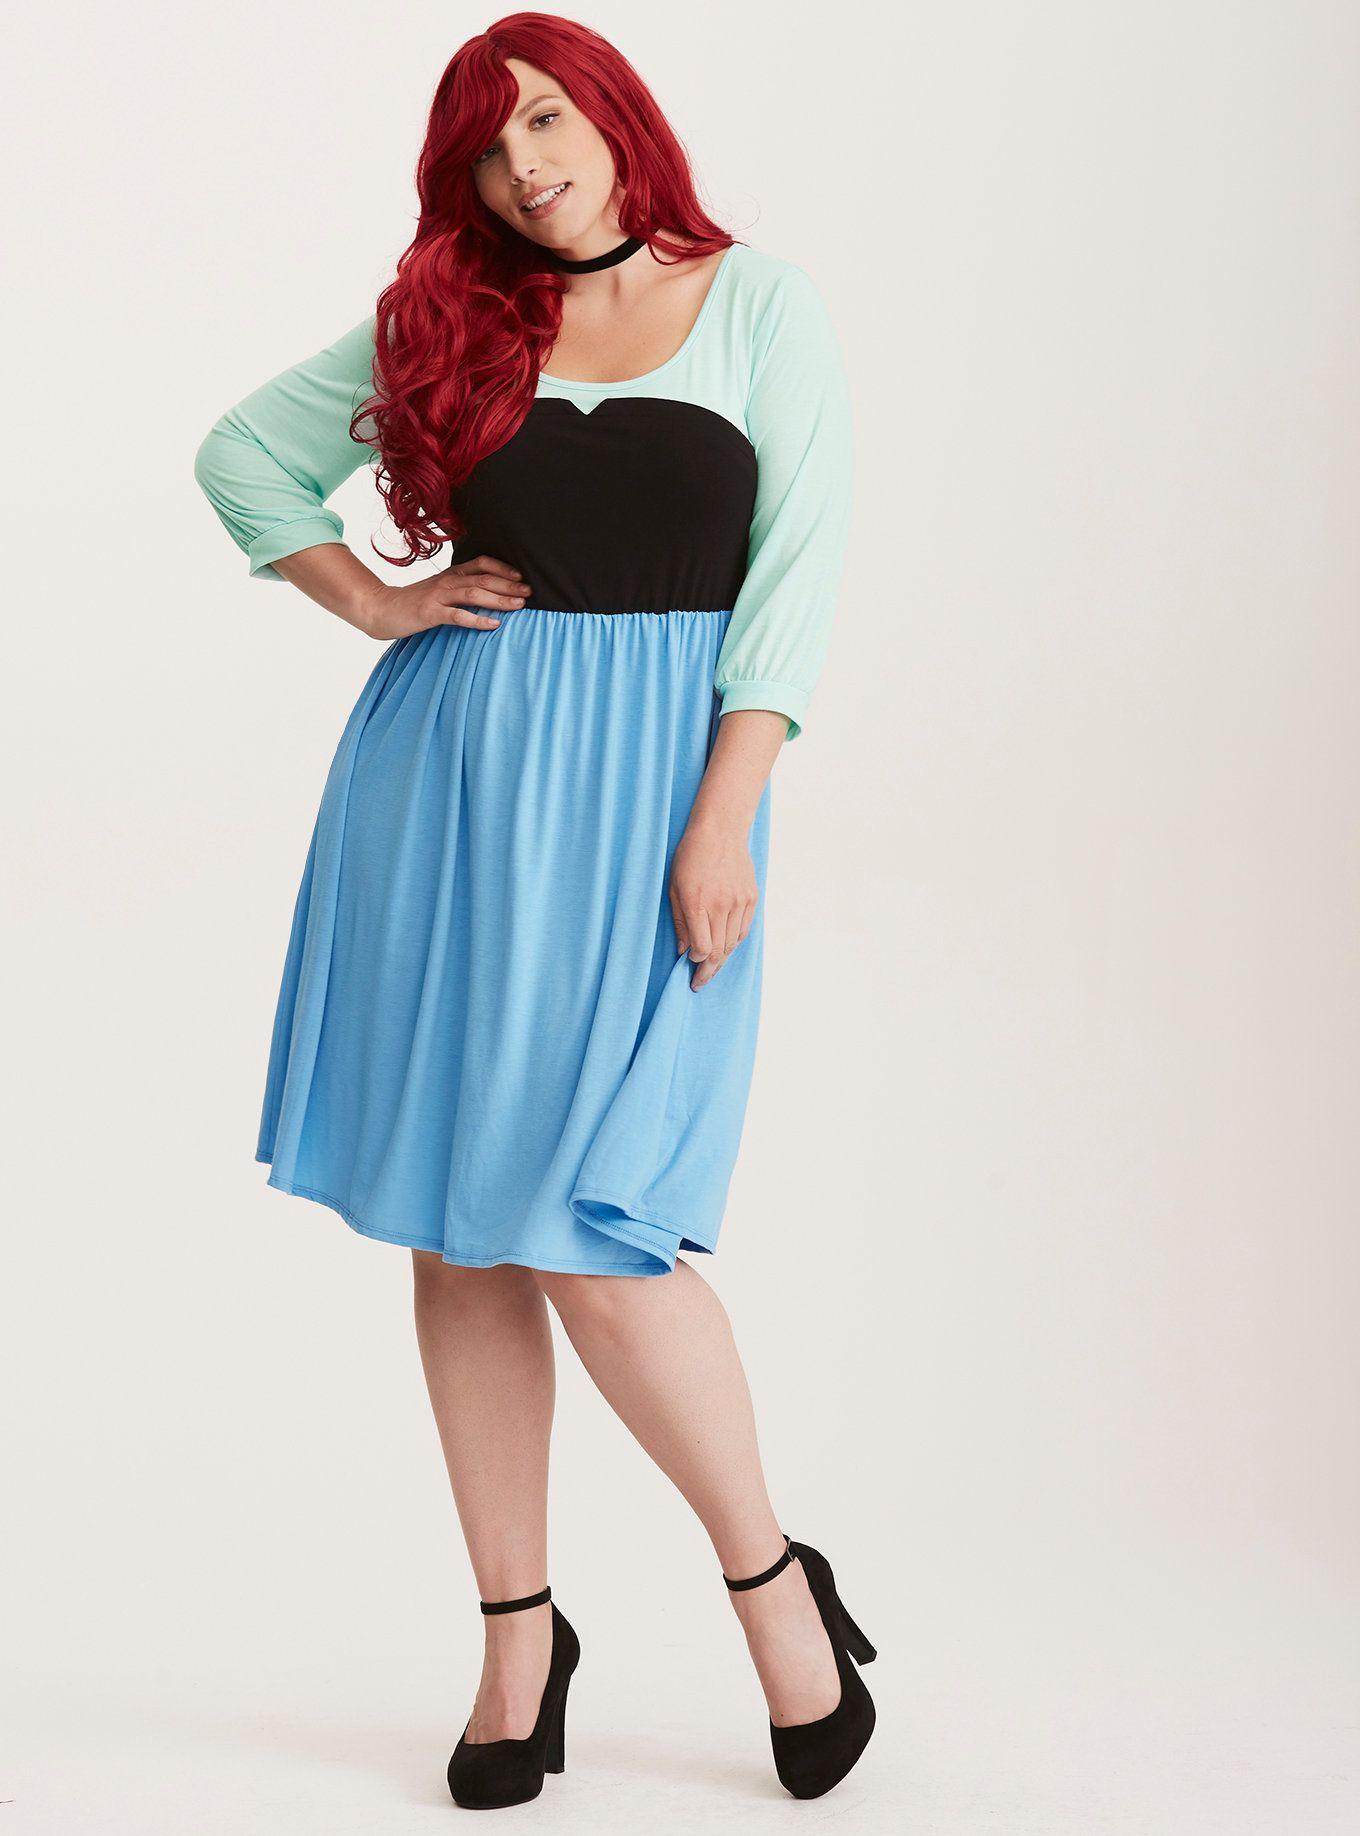 disney ariel skater dress | sweetcent torrid dresses | pinterest